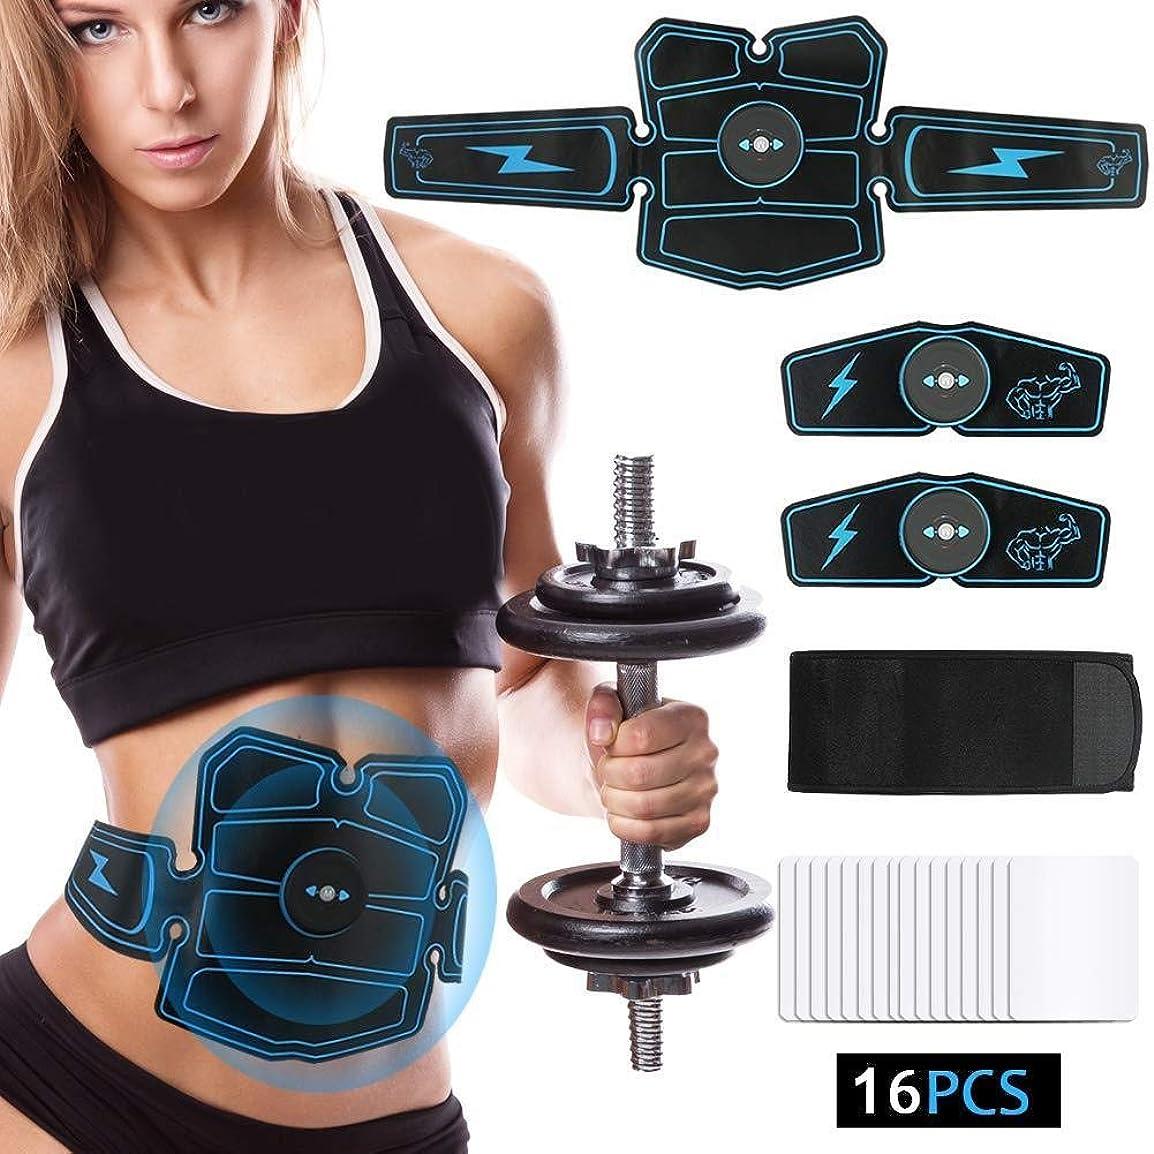 繰り返した特異性枯れる腹部の筋肉マッサージ、スマートフィットネス機器、エクササイズトレーナー、腰椎運動機器、筋肉ホームパルサー